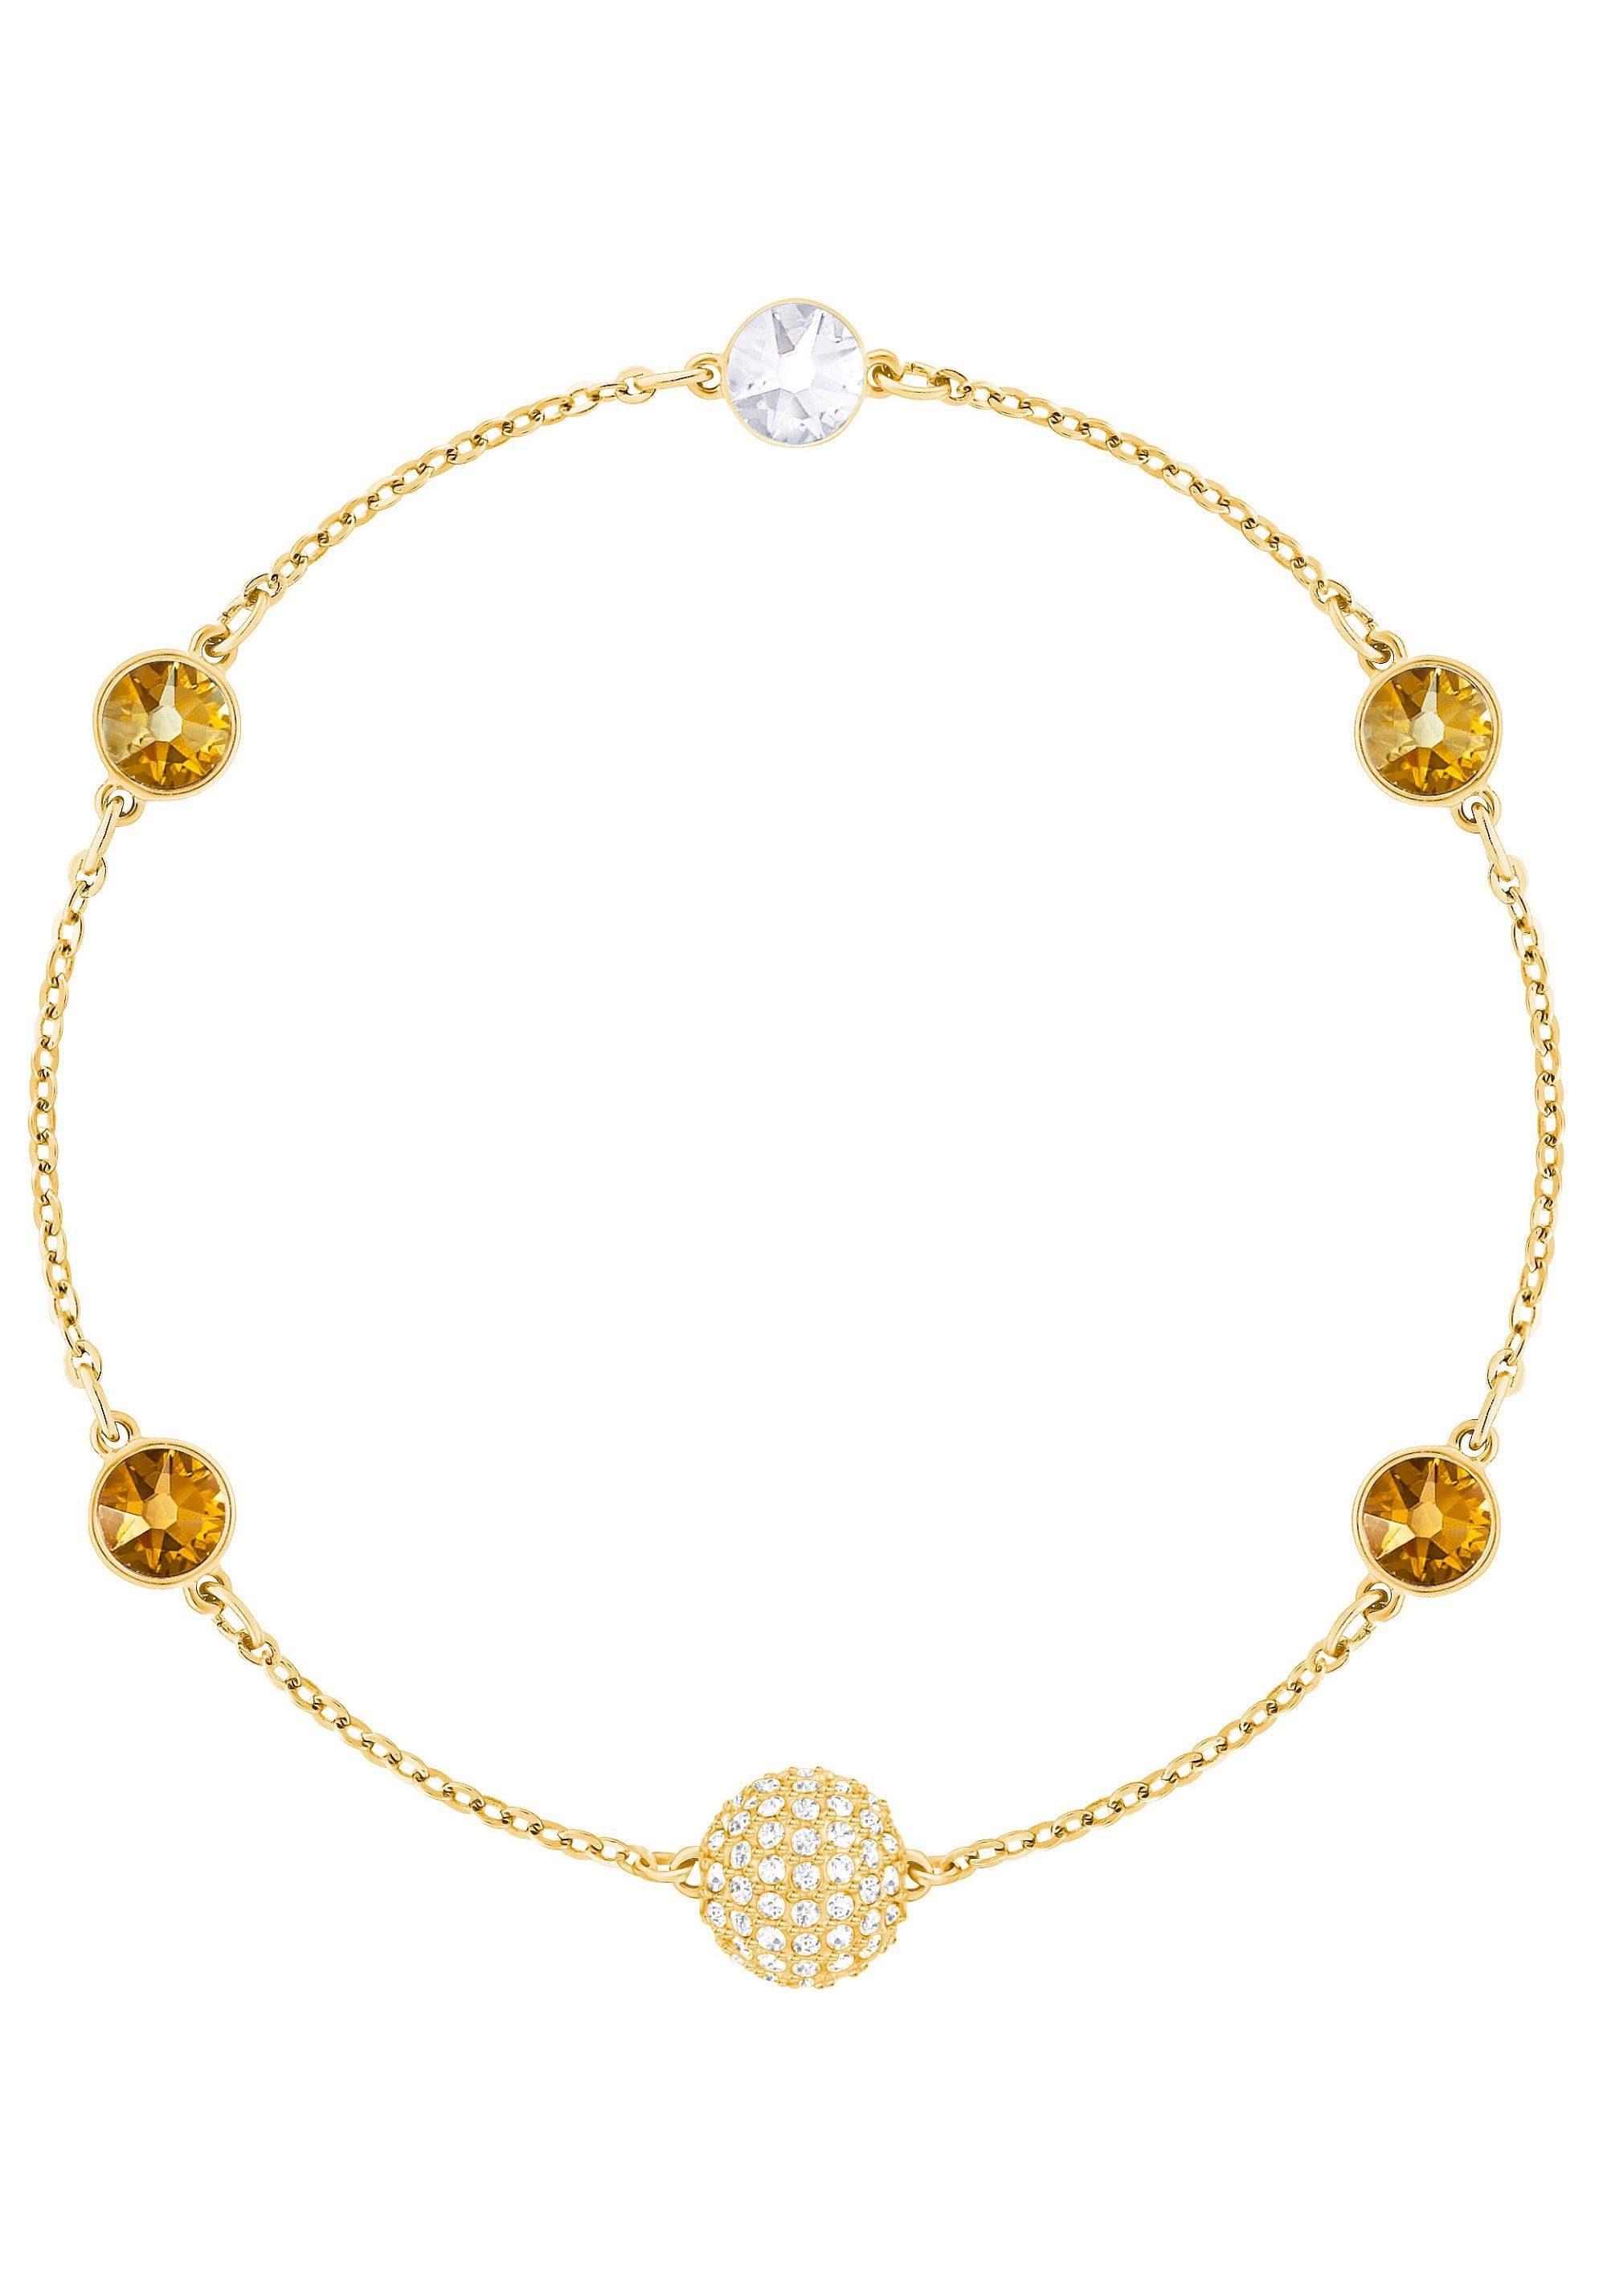 Swarovski Armband »Swarovski Remix Collection Golden, mehrfarbig, vergoldet, 5403221« mit Swarovski® Kristallen